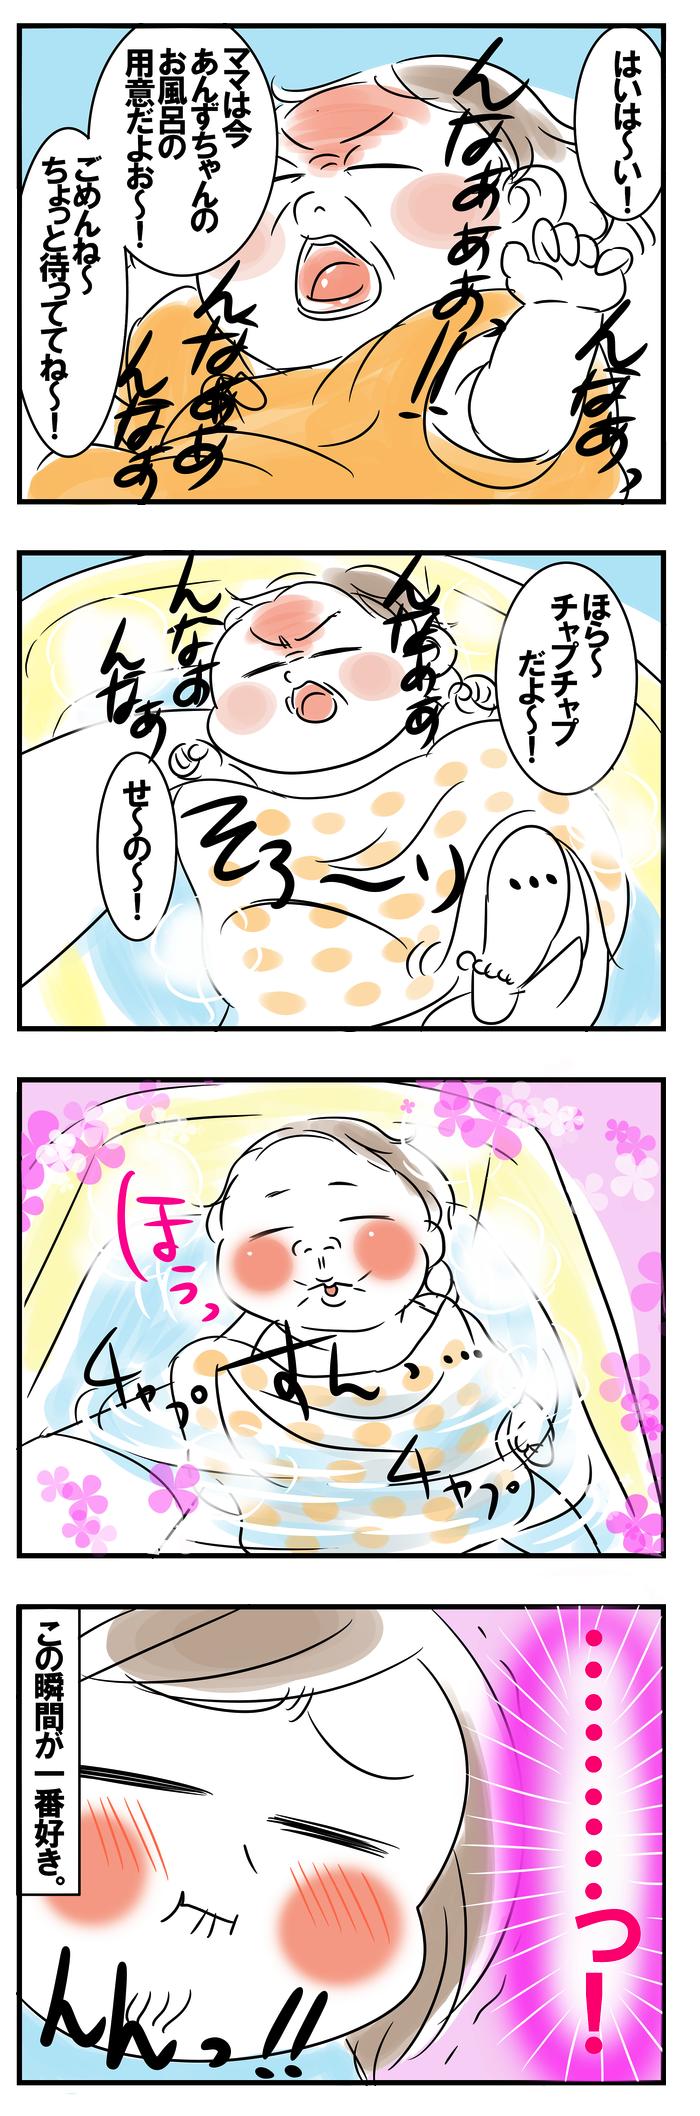 どんなに泣いていても、沐浴すると…?新生児育児が最強に癒やされる瞬間♡の画像1